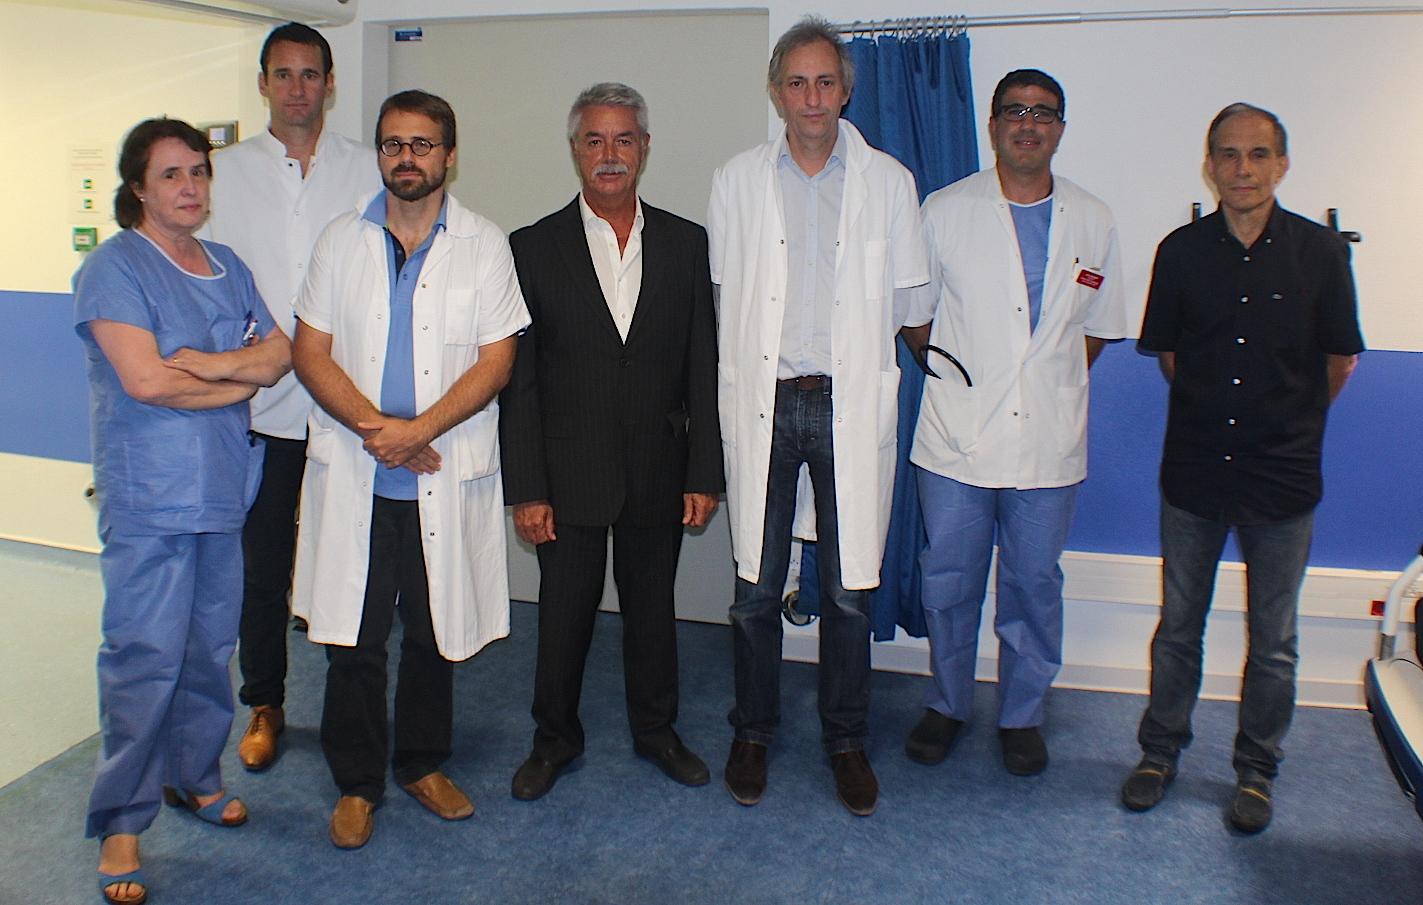 Les praticiens marseillais autour de Pascal Forcioli, directeur du centre hospitalier de Bastia